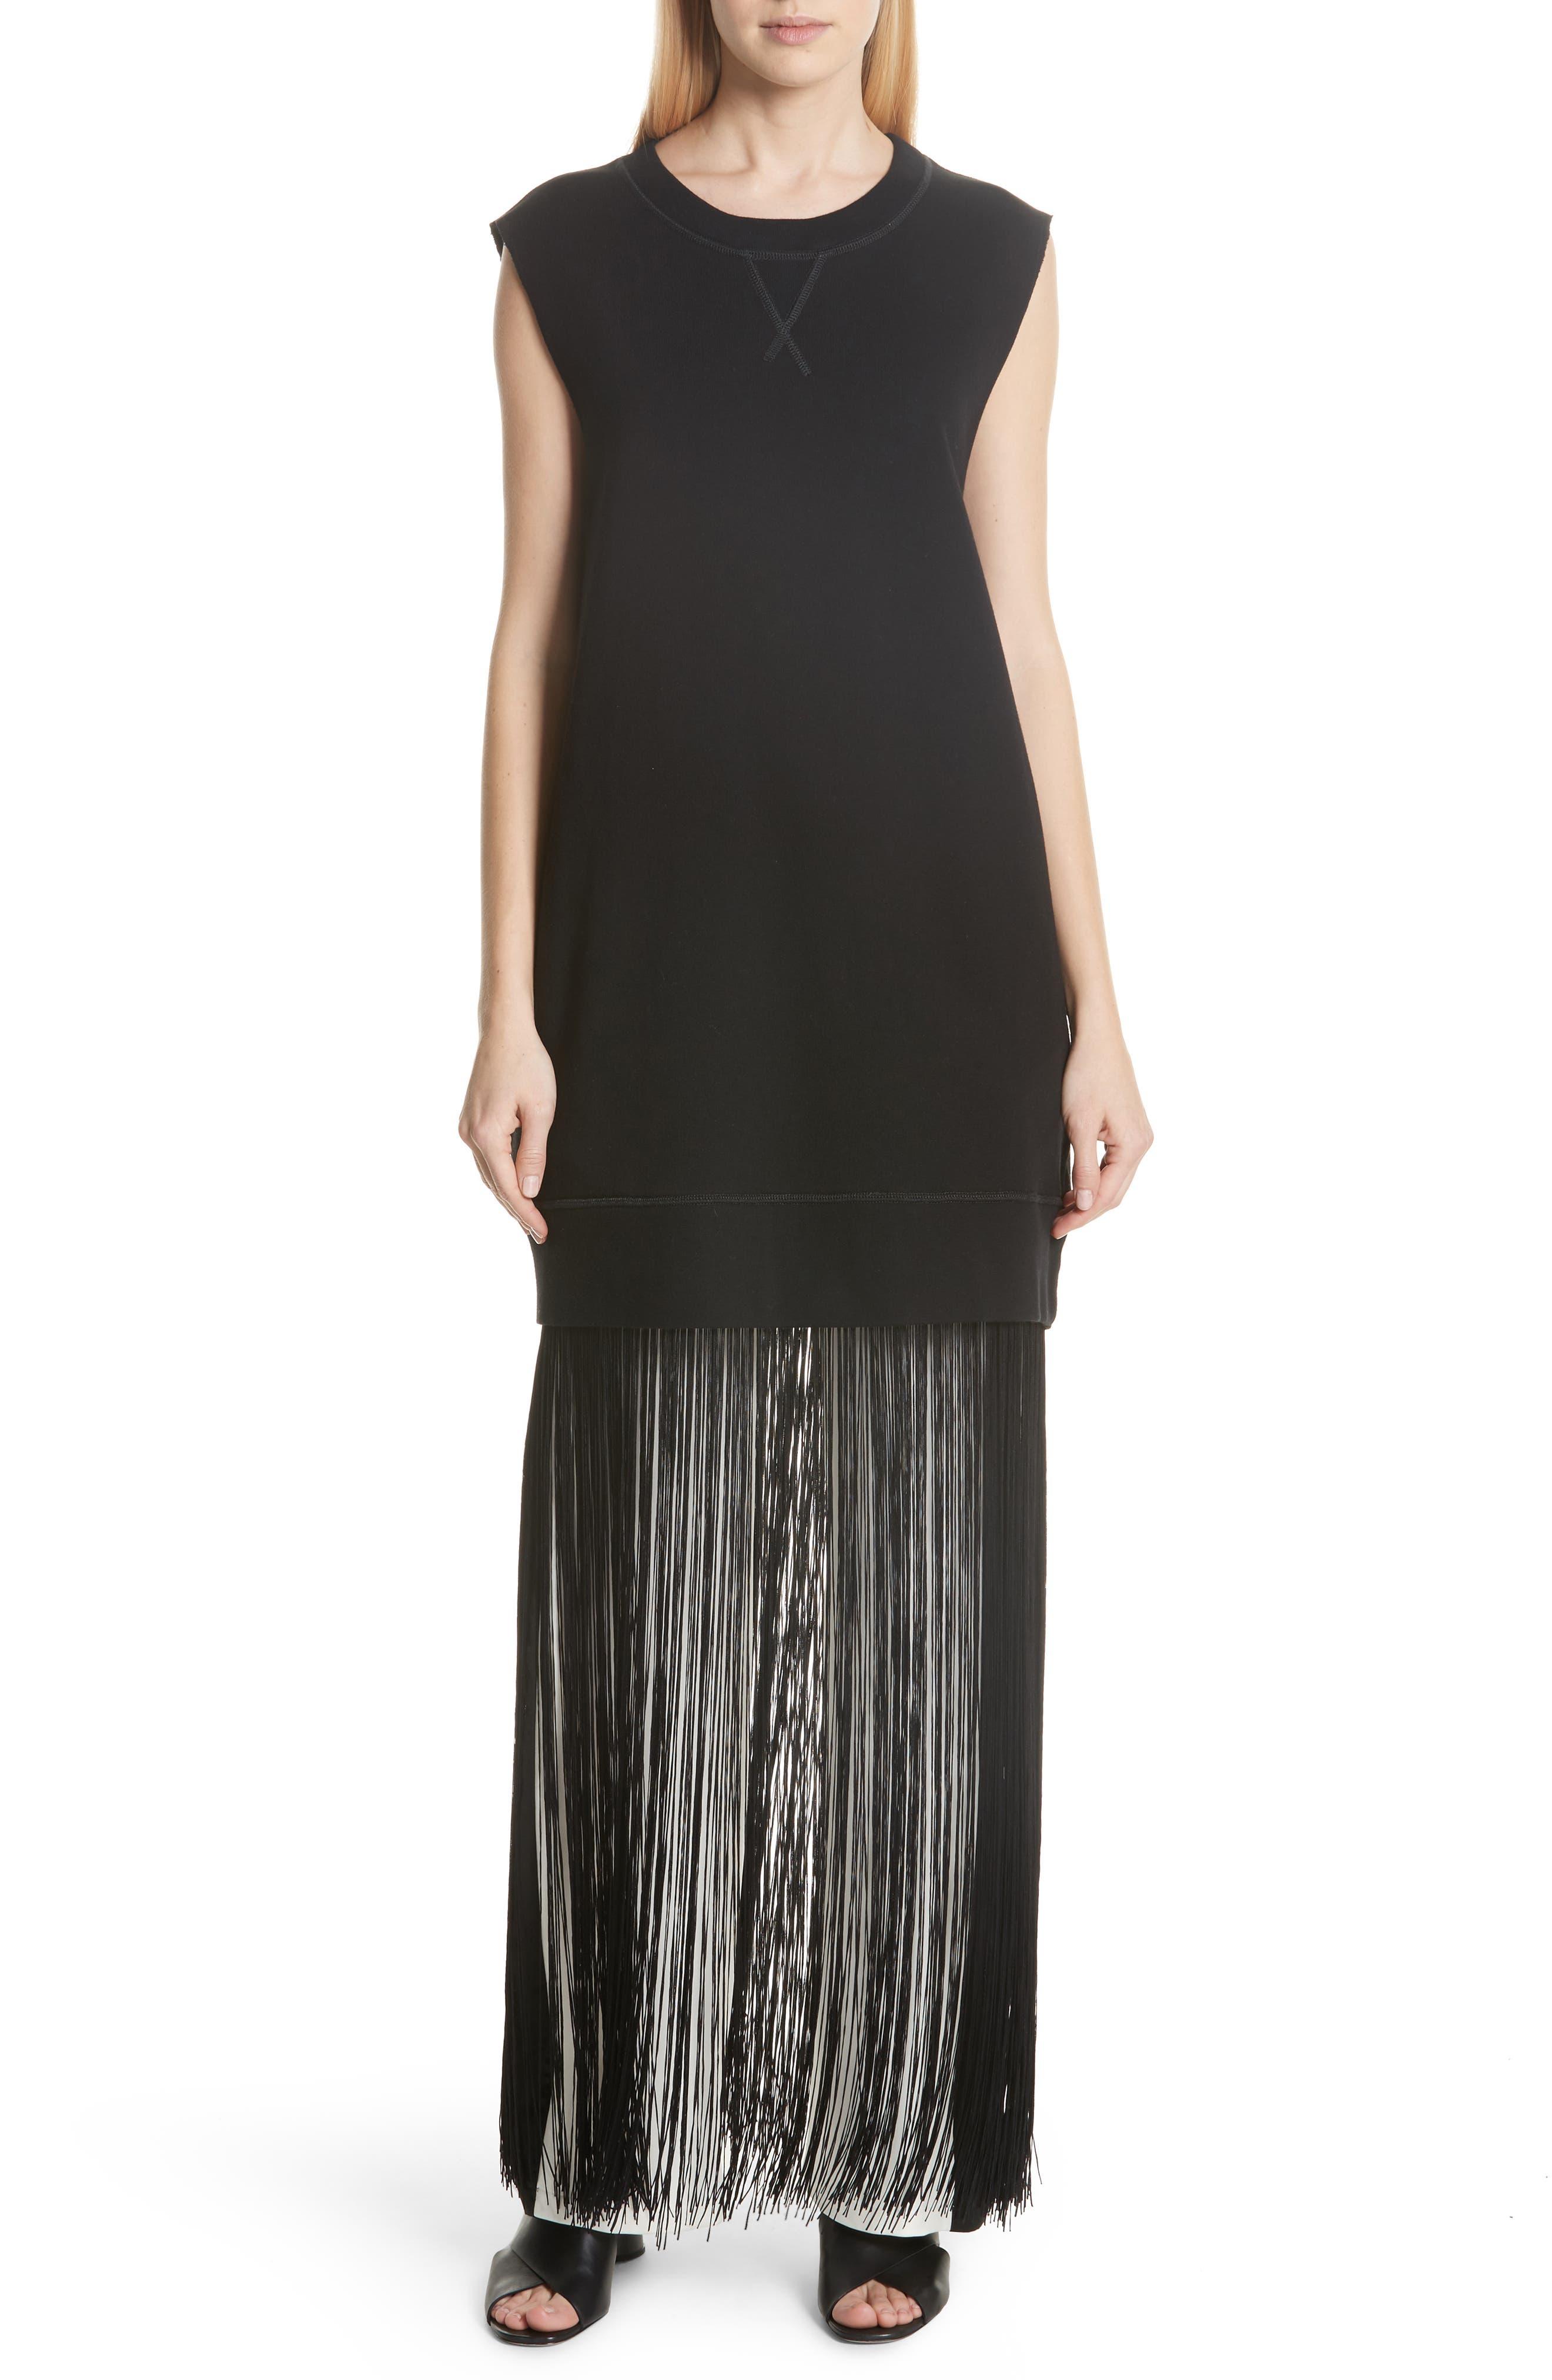 Mm6 Maison Margiela Fringe Hem Sweatshirt Dress, Black